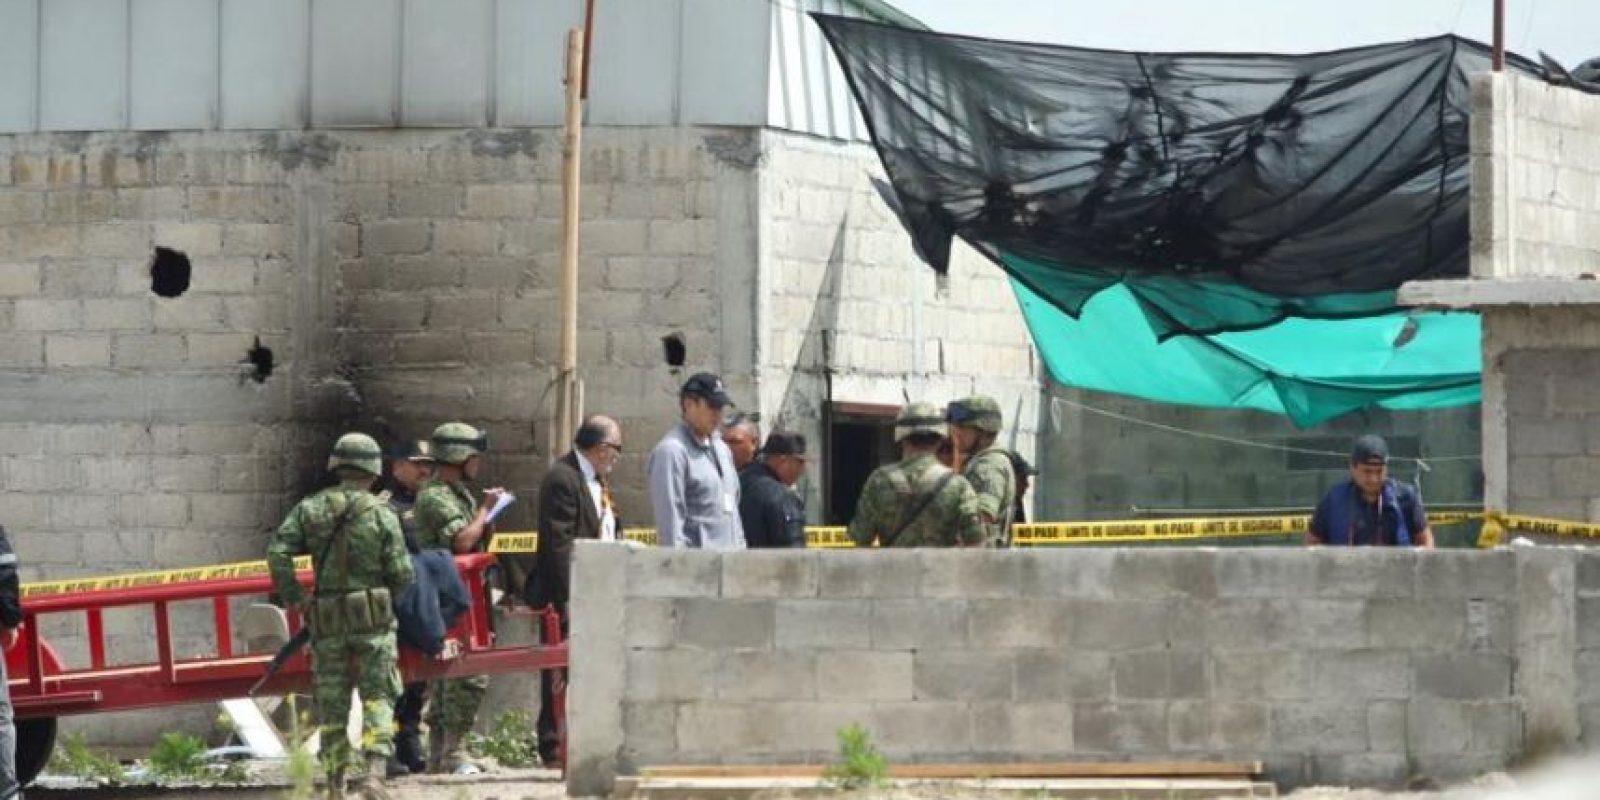 Este es el sitio en el que terminaba el túnes, el cual iniciaba en la celda de Guzmán Loera Foto:Luz Elena Pérez /LatitudesPress